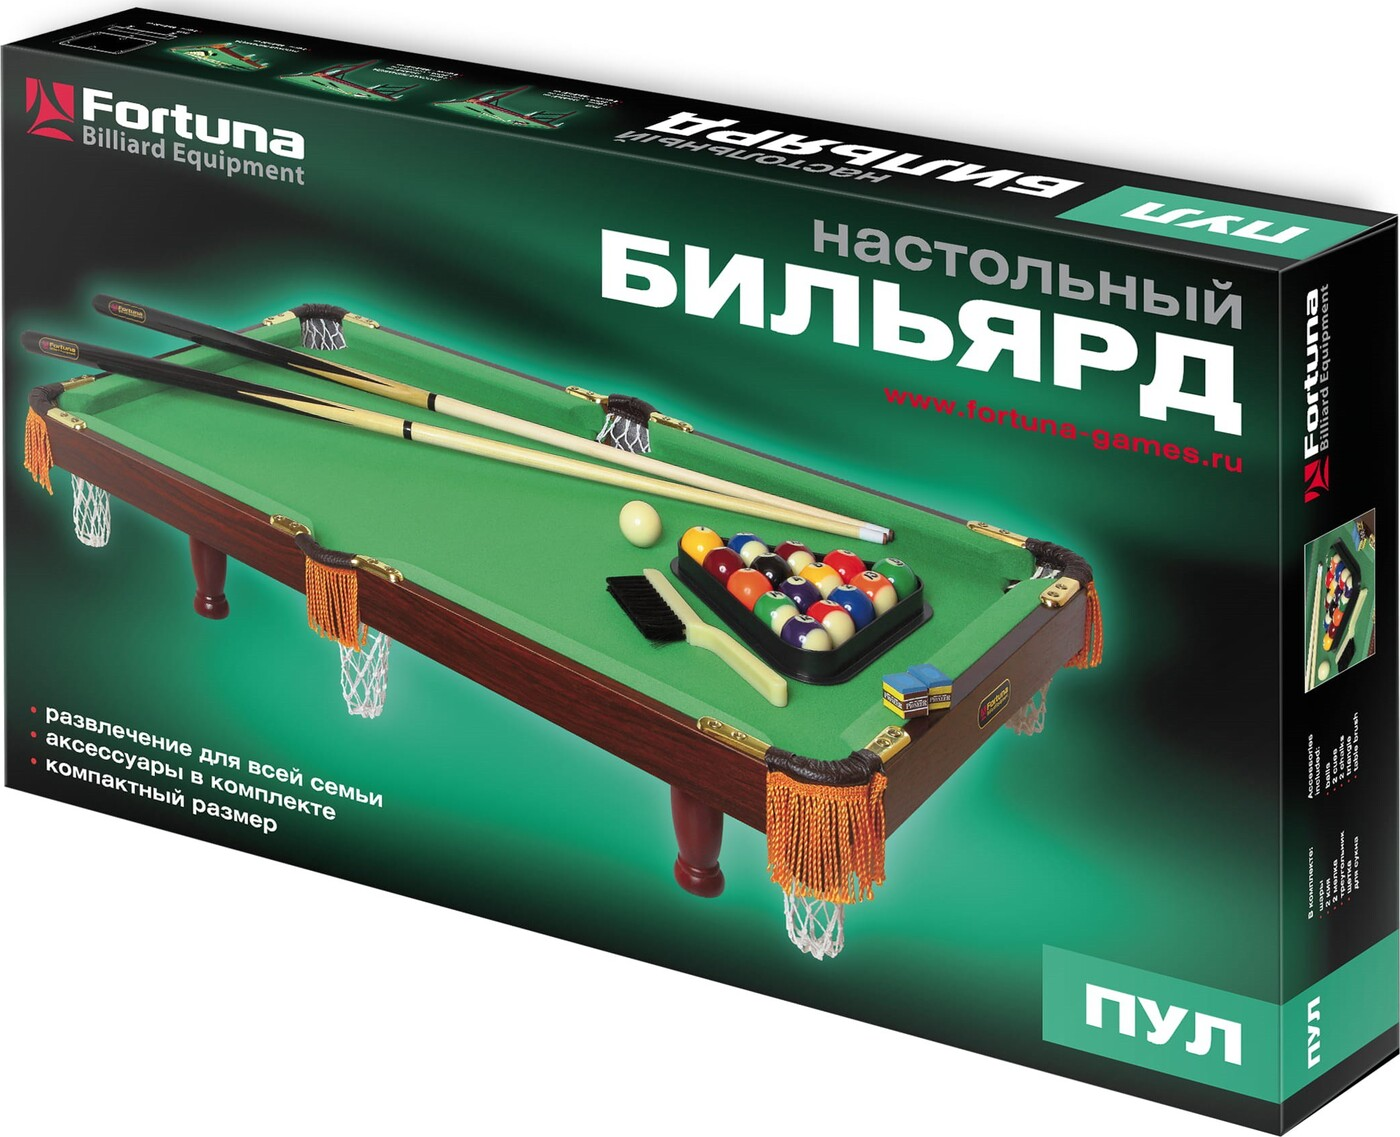 Бильярдный стол Fortuna пул 3фт с комплектом аксессуаров